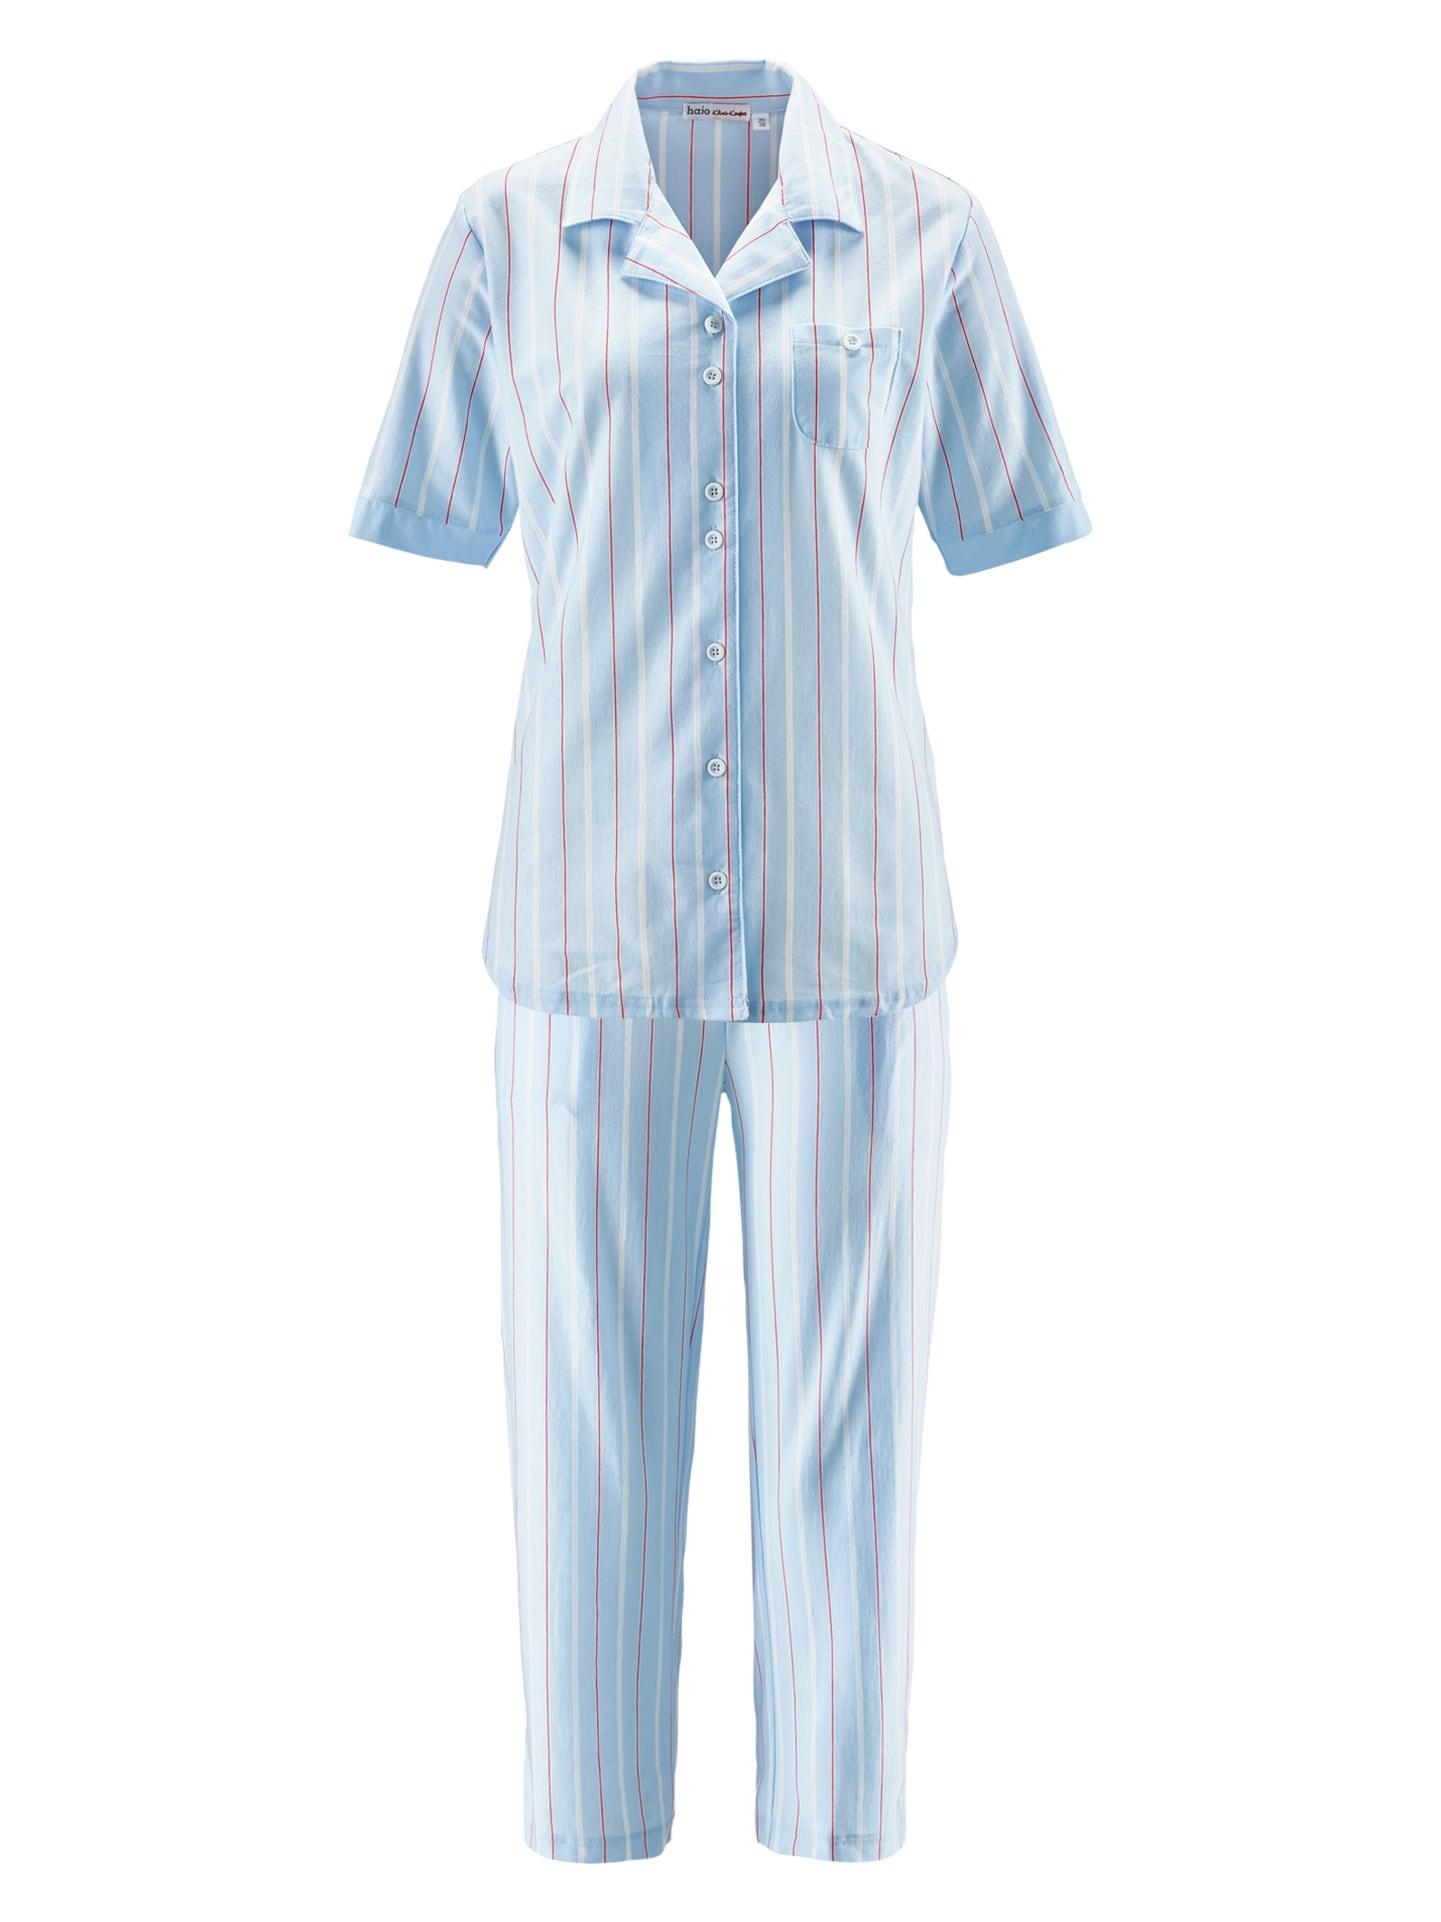 Avena Damen Pyjama Blau gestreift 42-6168-7_MV8880